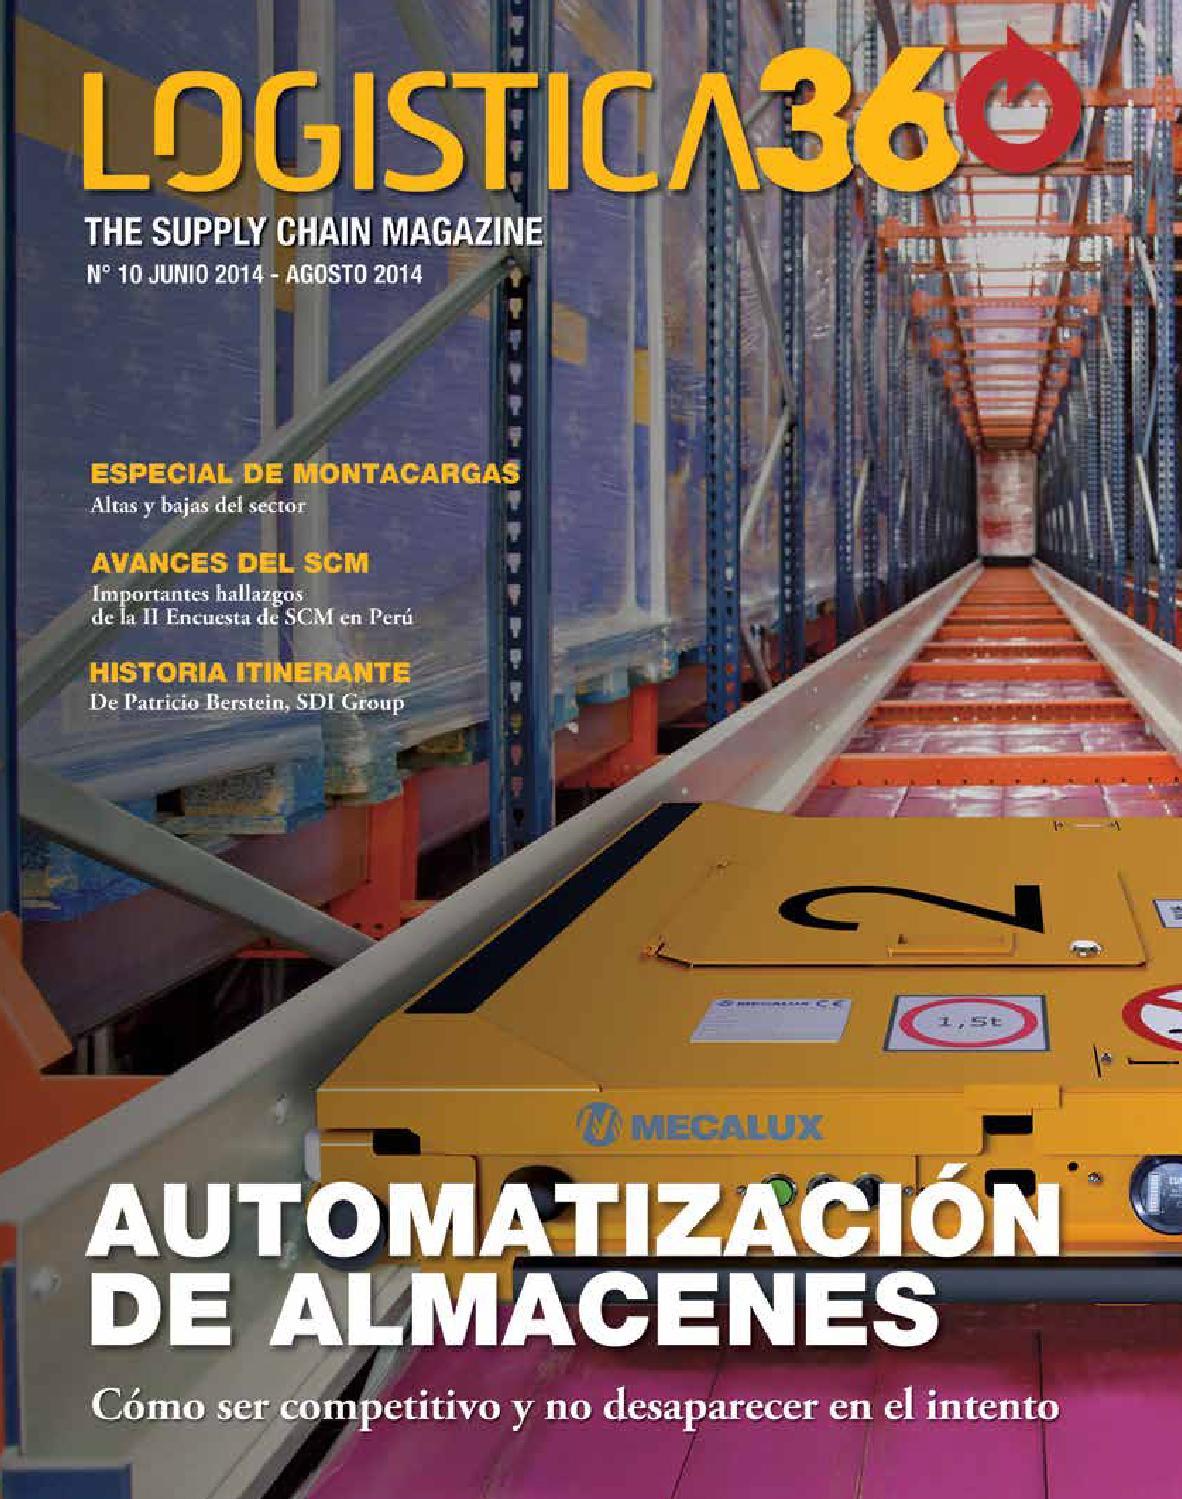 Revista Logistica360 The Supply Chain Magazine Revista Lider Del Sector Logistico Peruano By Gestion Logistica Issuu